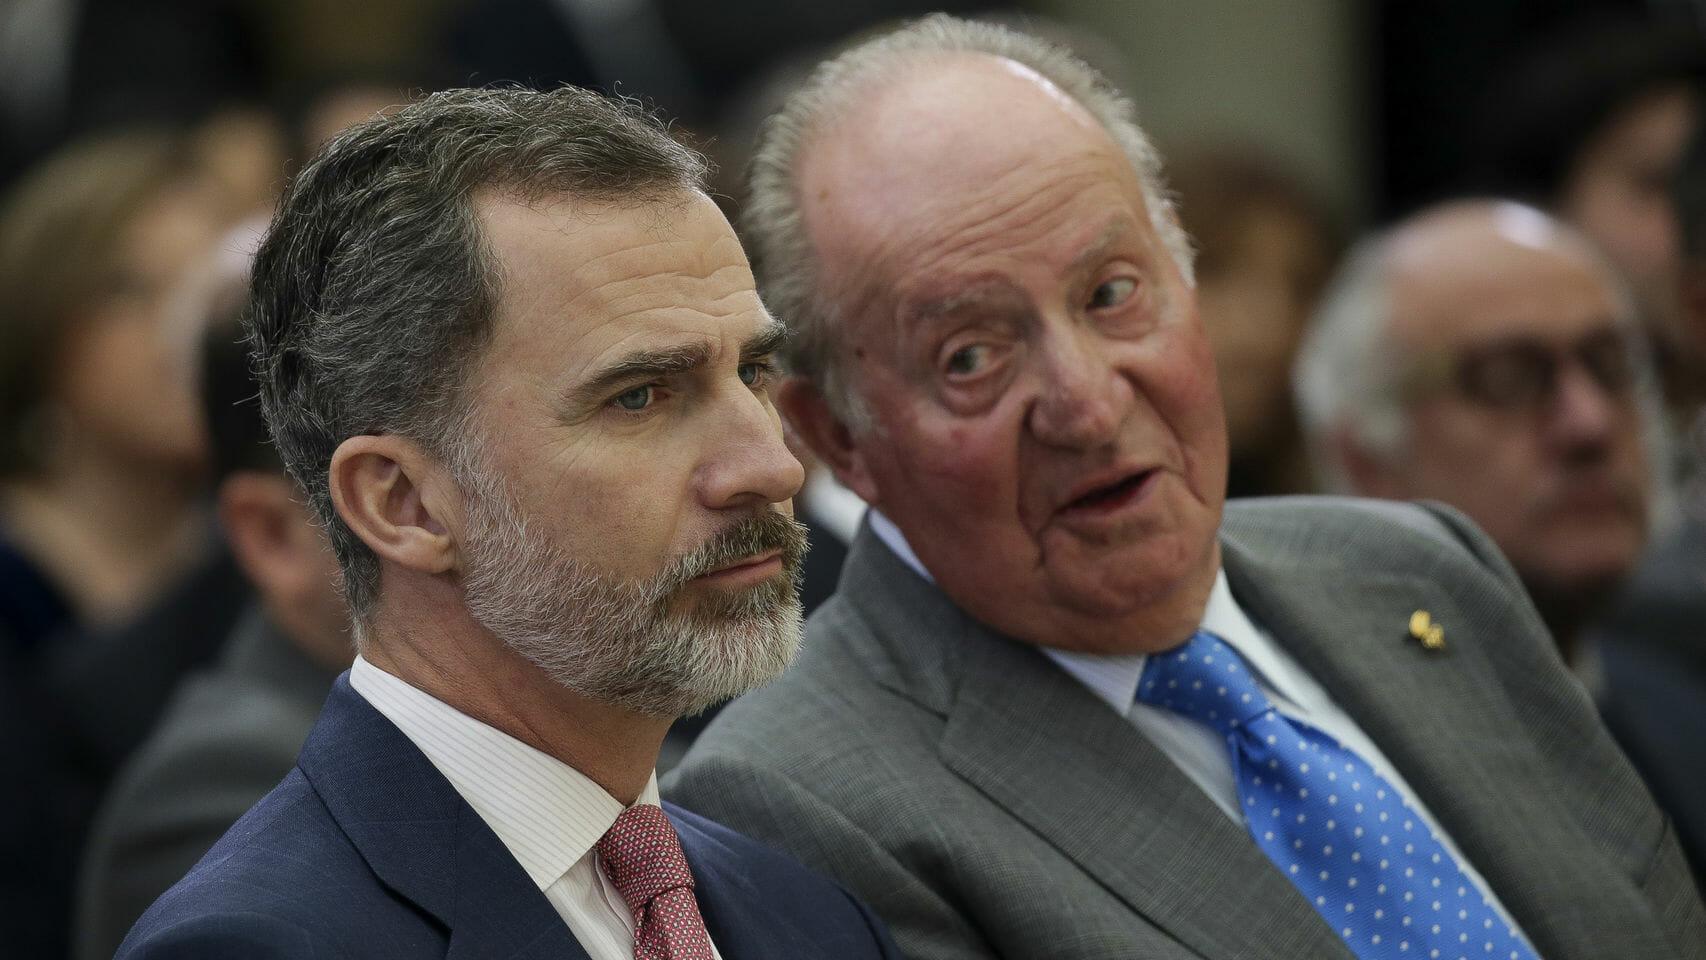 المؤسسة الملكية ملك إسبانيا خوان كارلوس فليبي